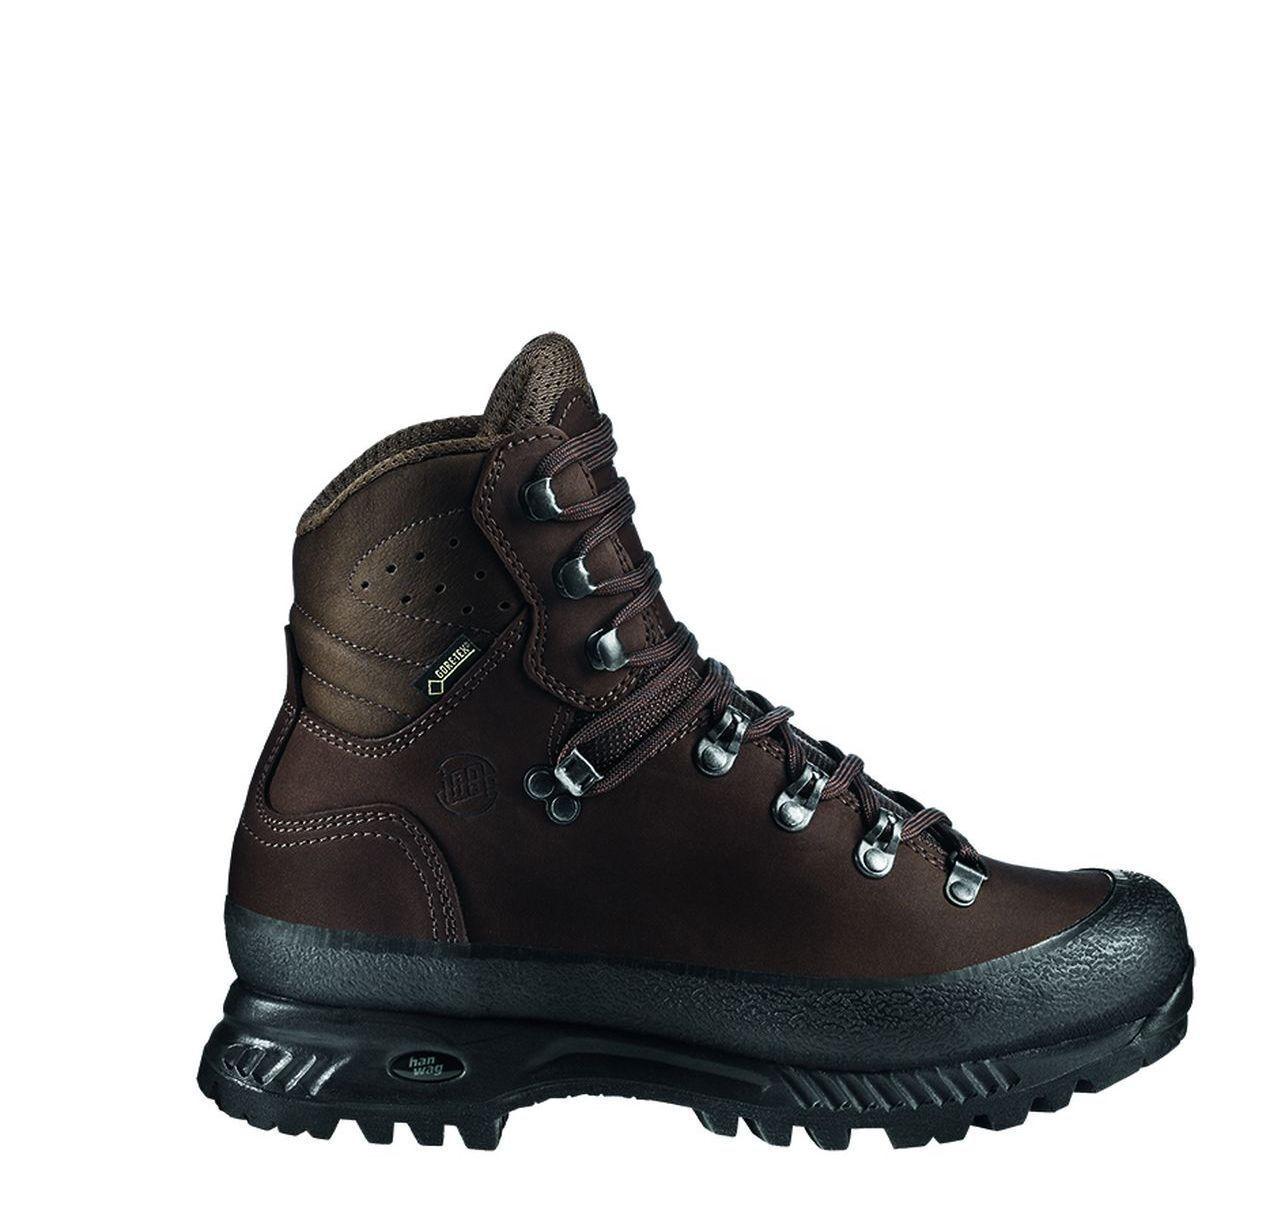 Hanwag montaña zapatos nazcat GTX Men tamaño 9-tierra 43